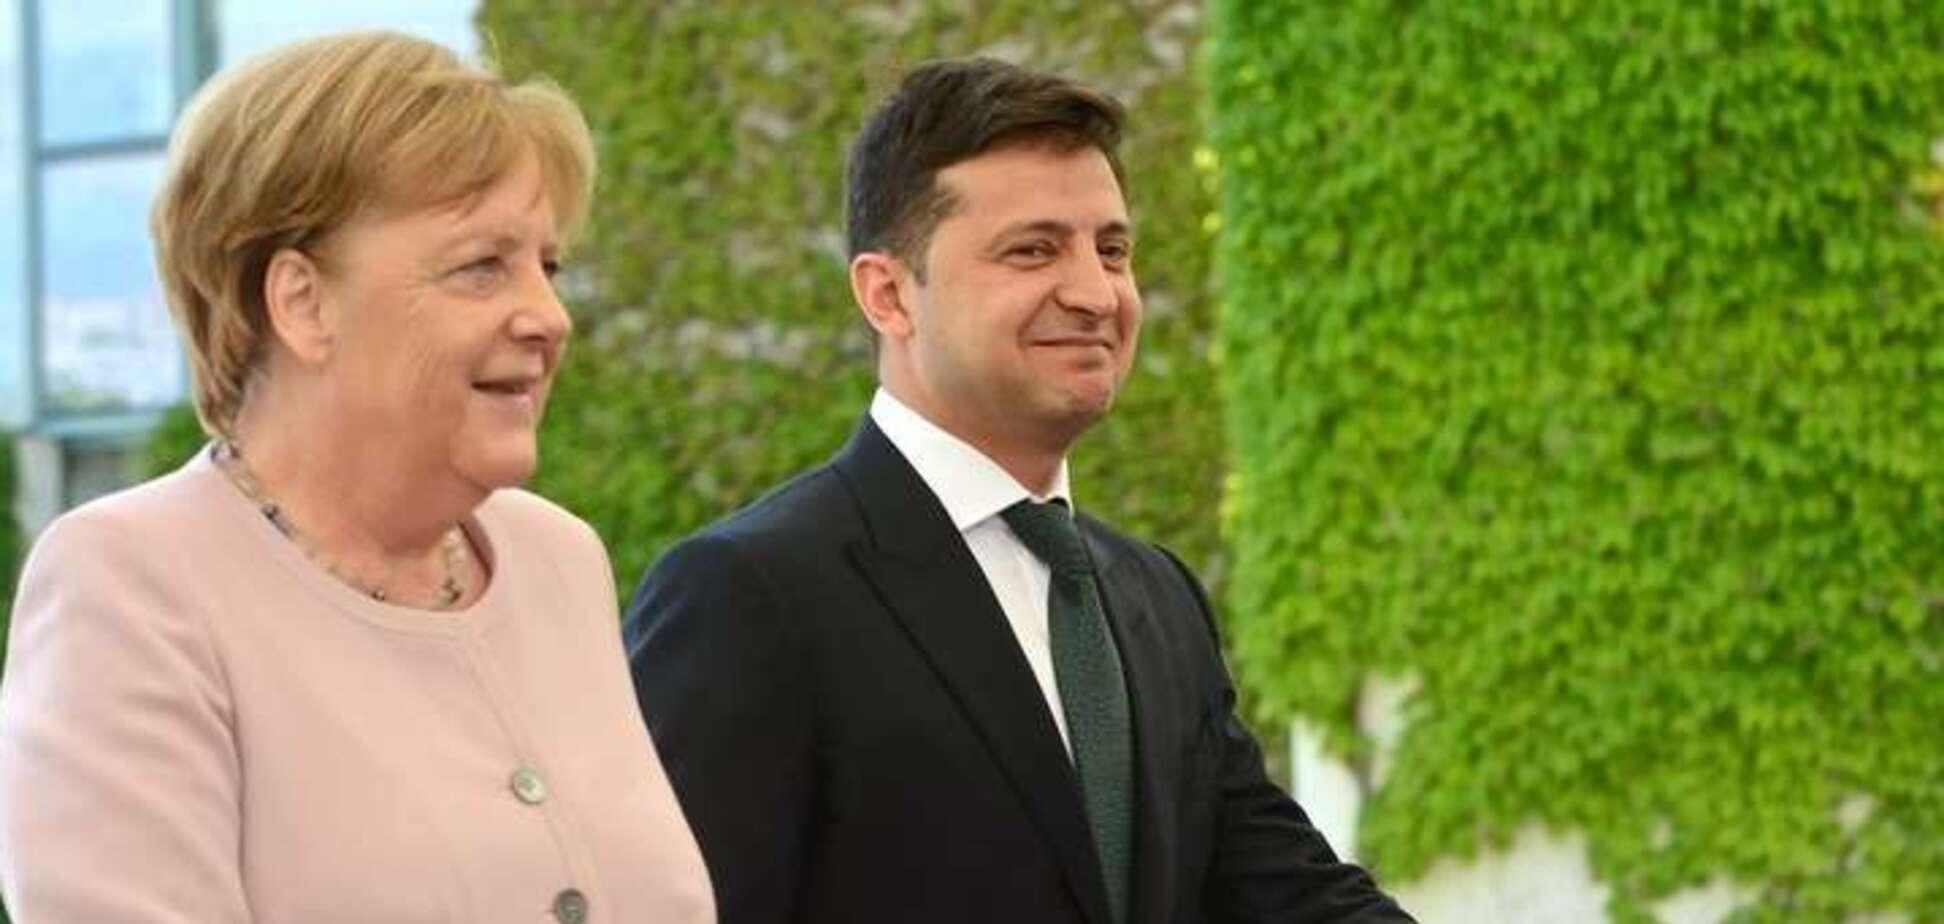 Зеленский заявил о прорыве Нормандского формата после разговора с Меркель